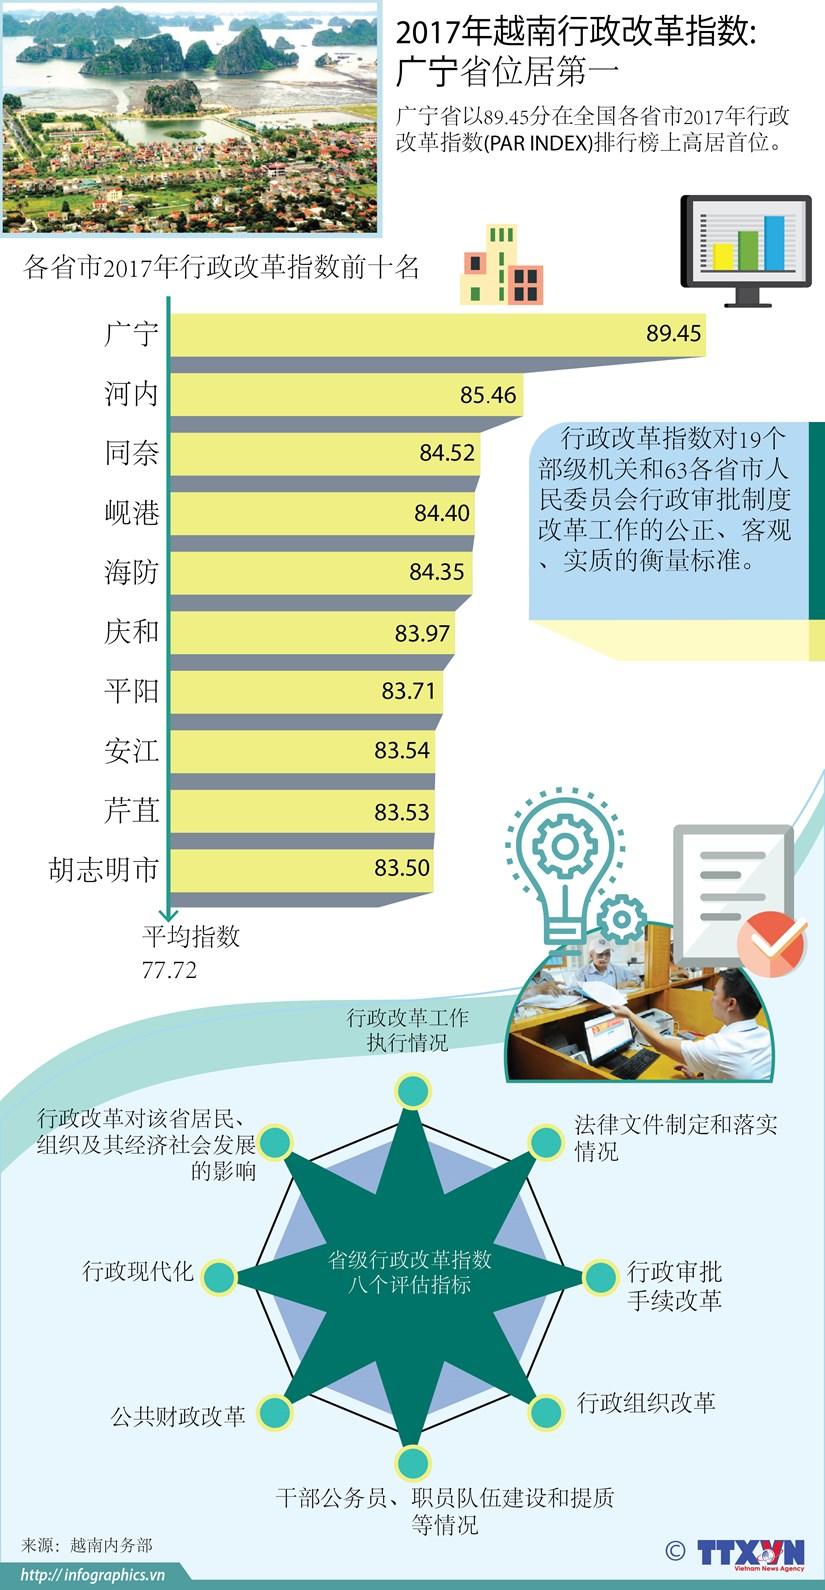 图表新闻:2017年越南行政改革指数: 广宁省位居第一 hinh anh 1